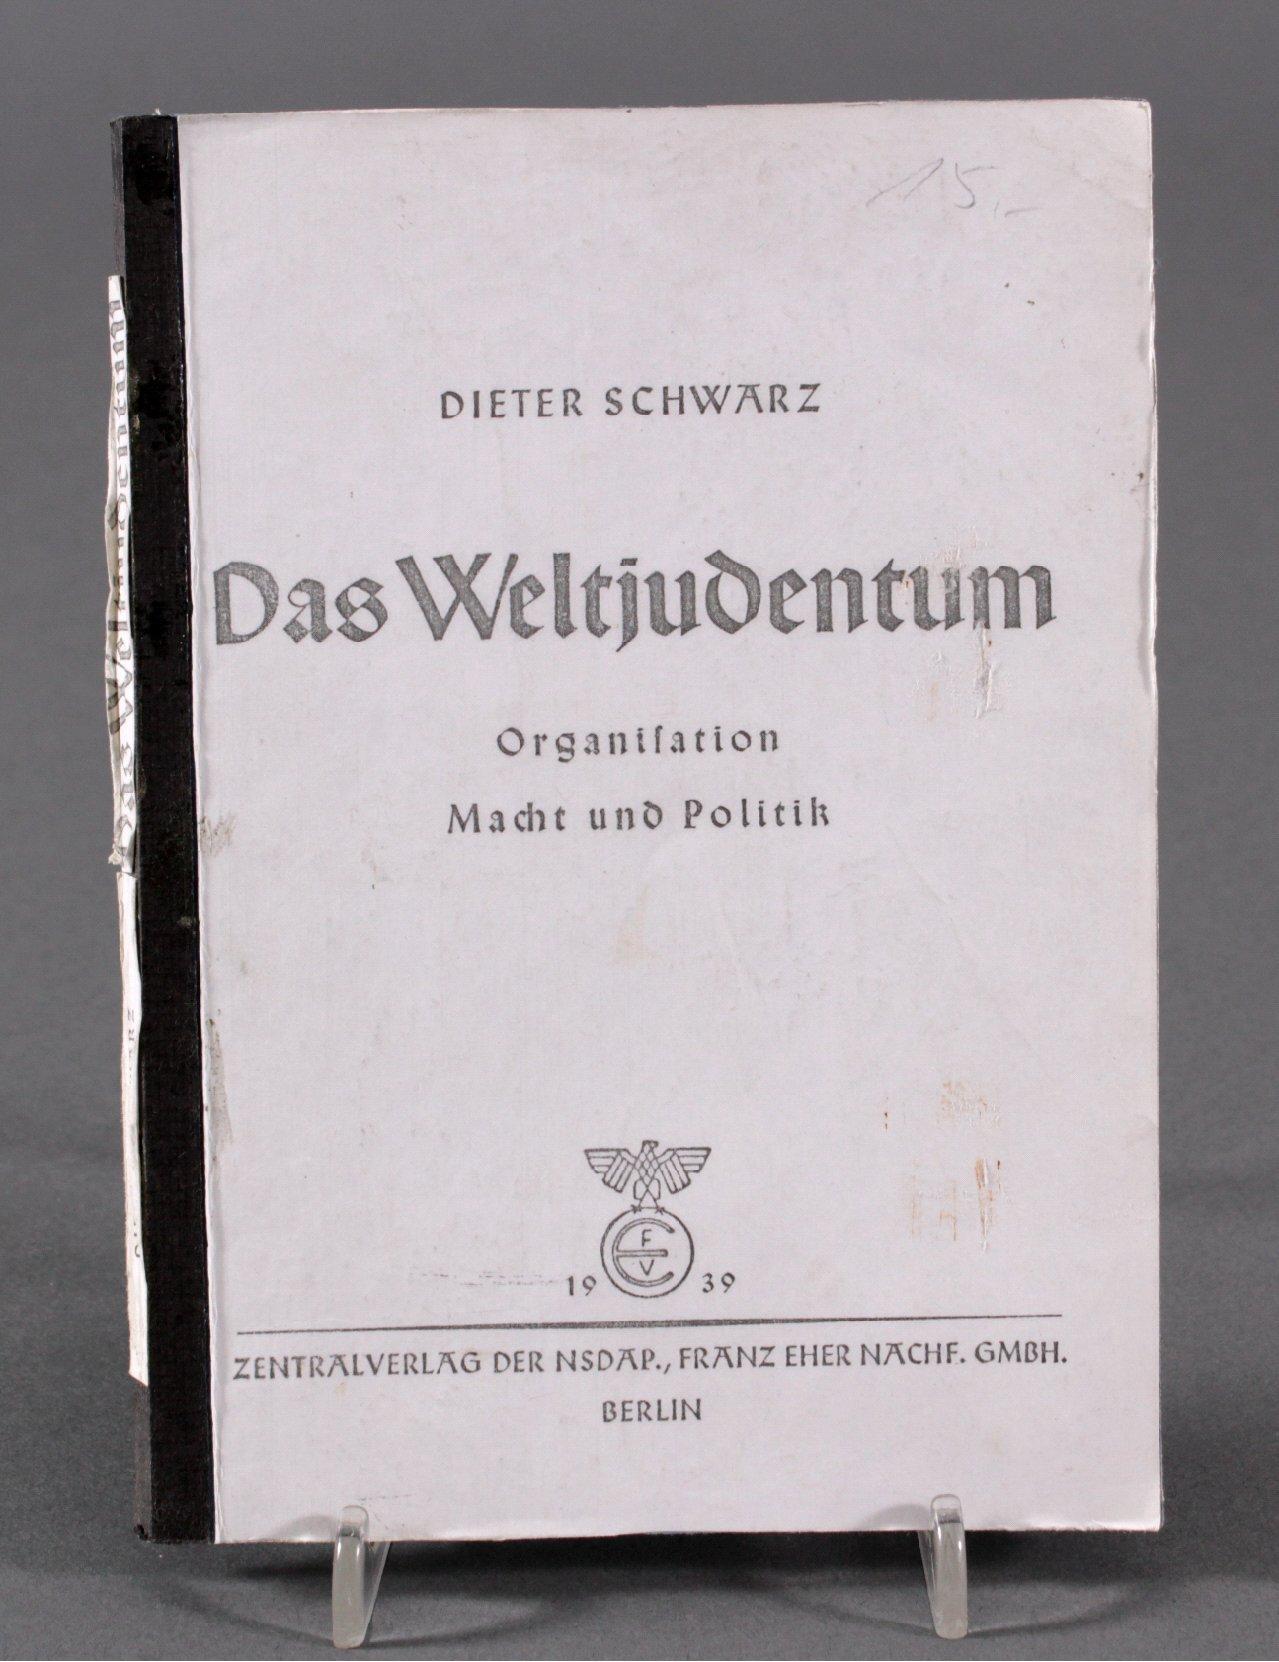 Dieter Schwarz, Das Weltjudentum